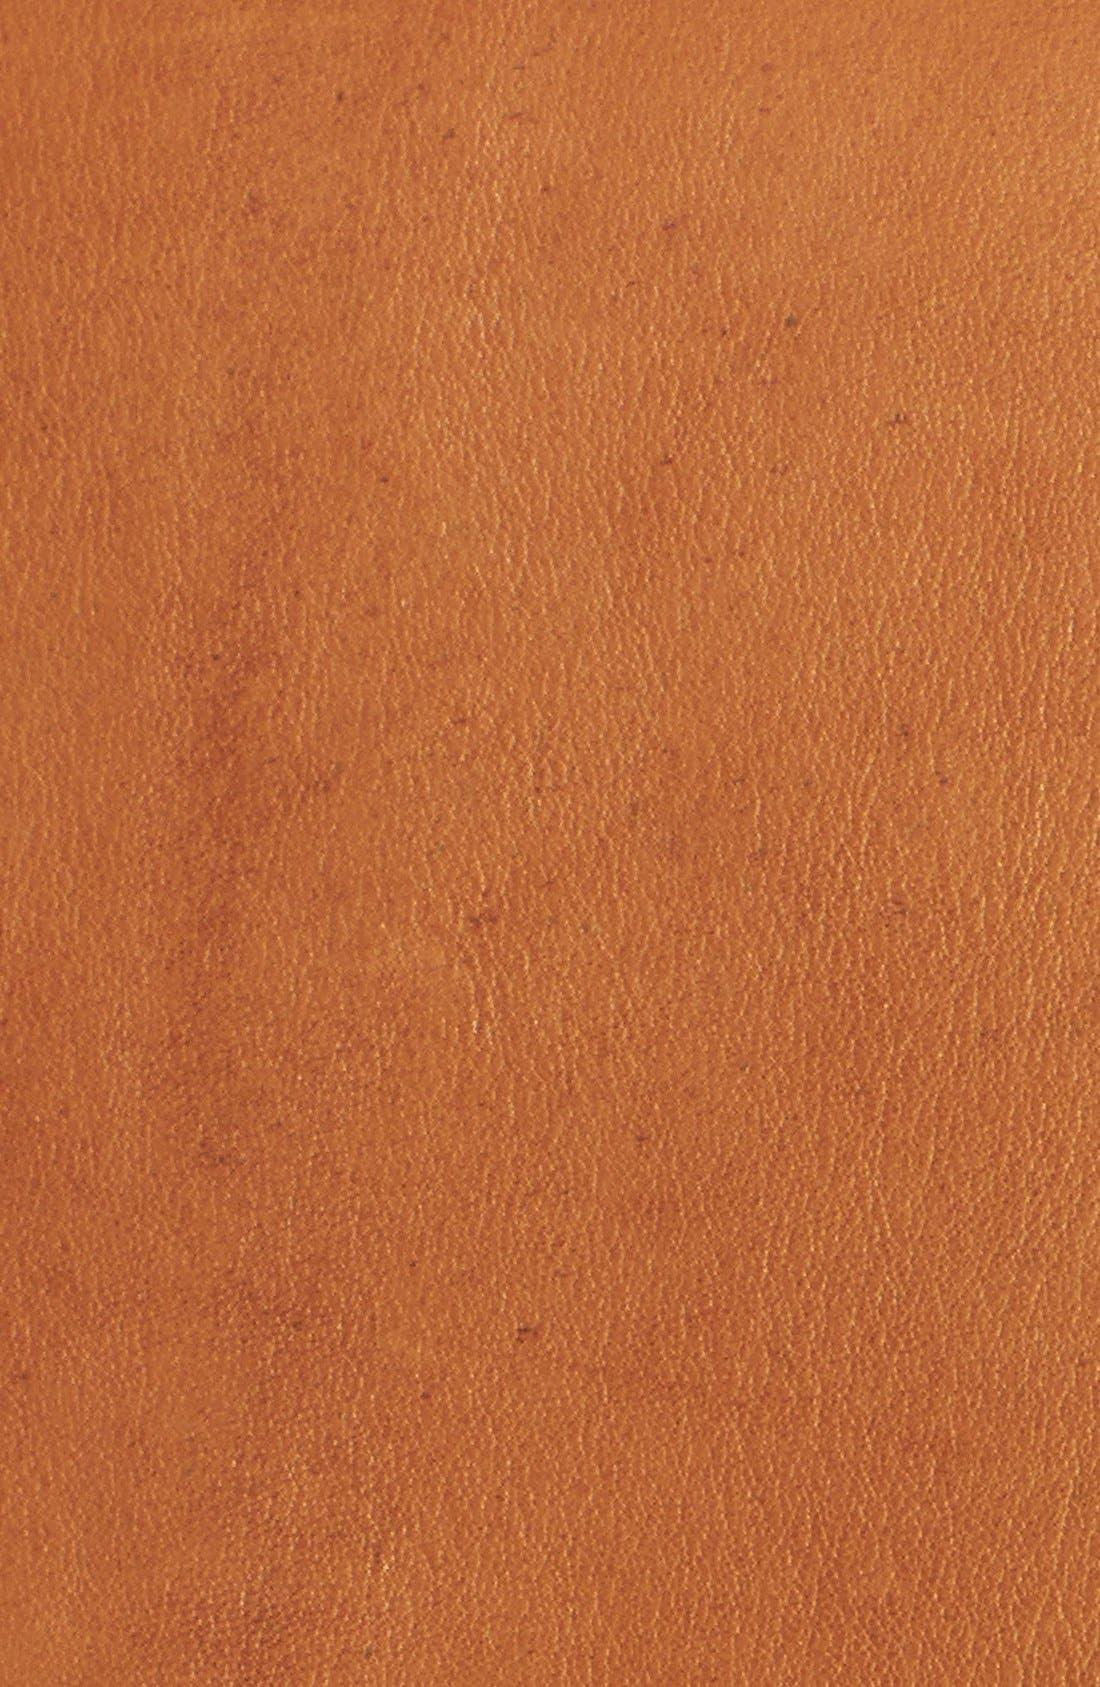 Alternate Image 3  - John Carlisle Leather Moto Jacket (Plus Size)